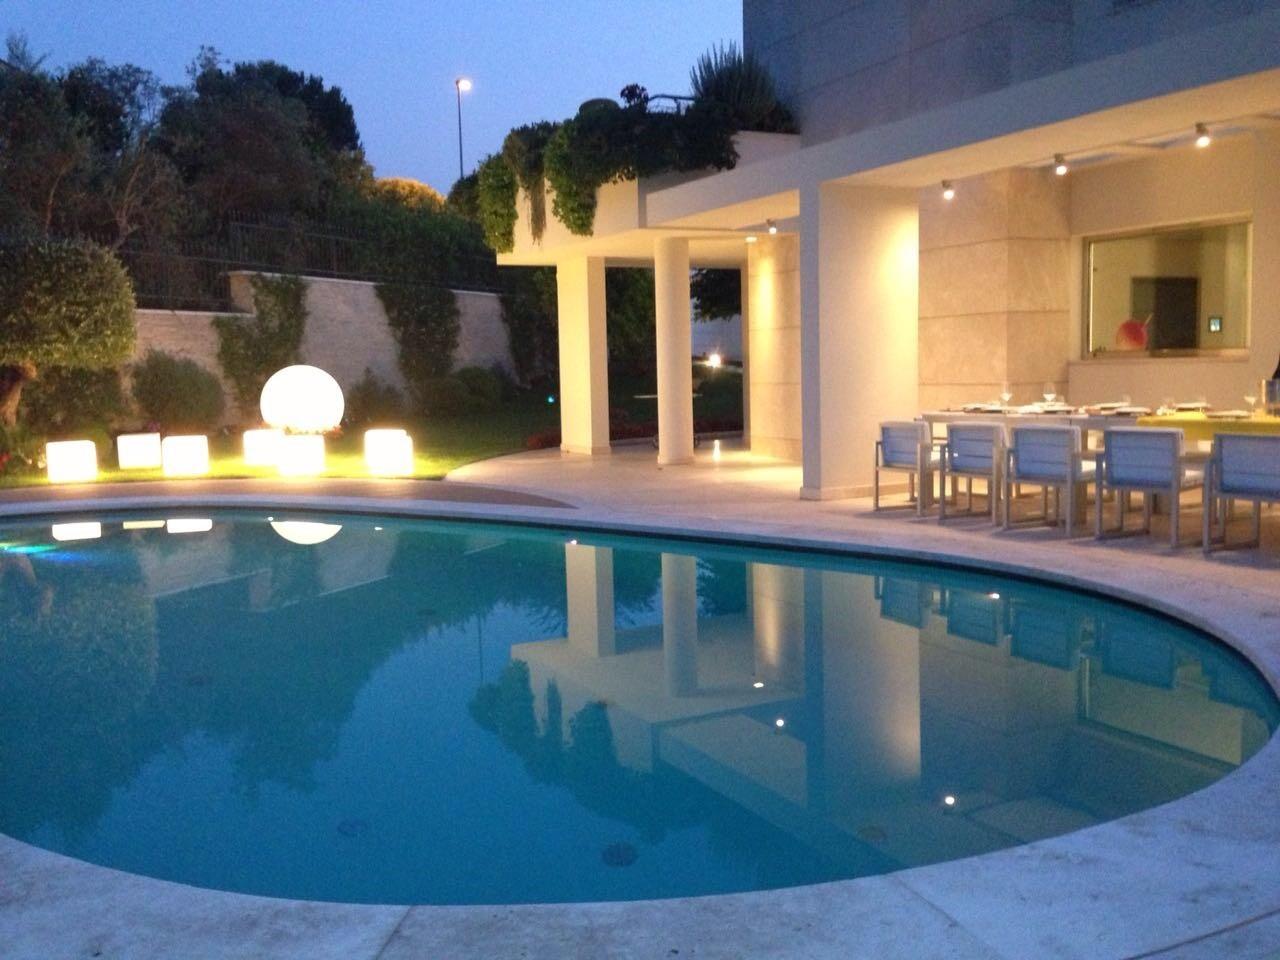 Villa in vendita a Tivoli, 10 locali, prezzo € 2.500.000 | CambioCasa.it